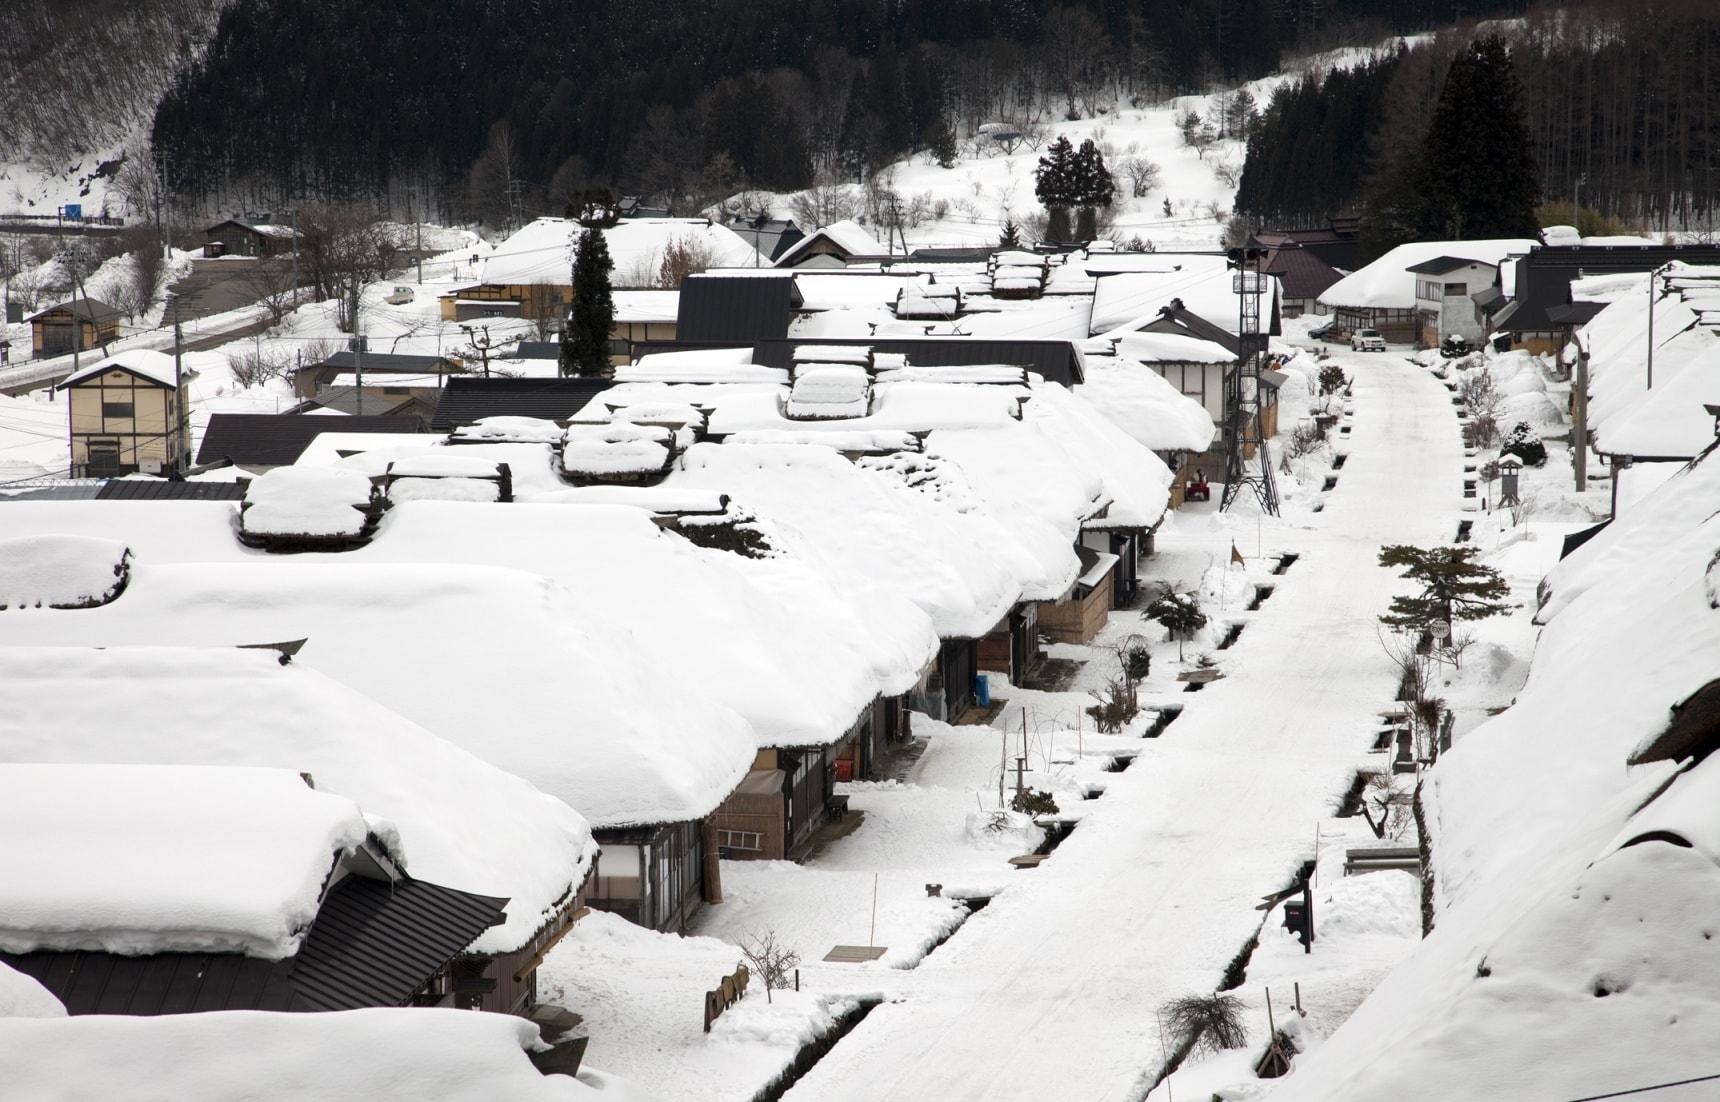 ทริปชมหิมะสุดฟินในฟุคุชิมะ